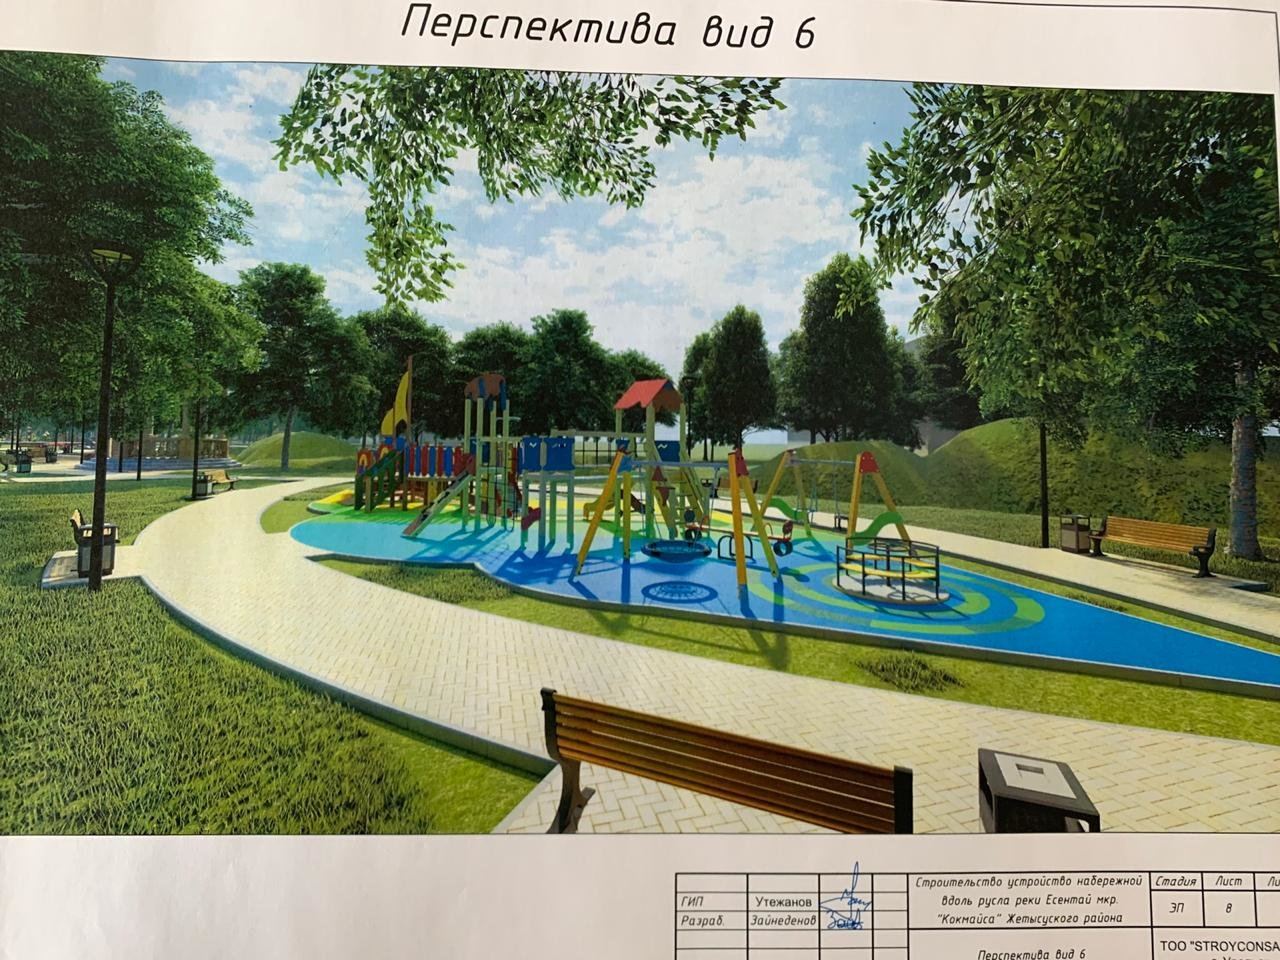 В Жетысуском районе Алматы планируют построить парковую зону вдоль набережной реки Есентай, фото-2